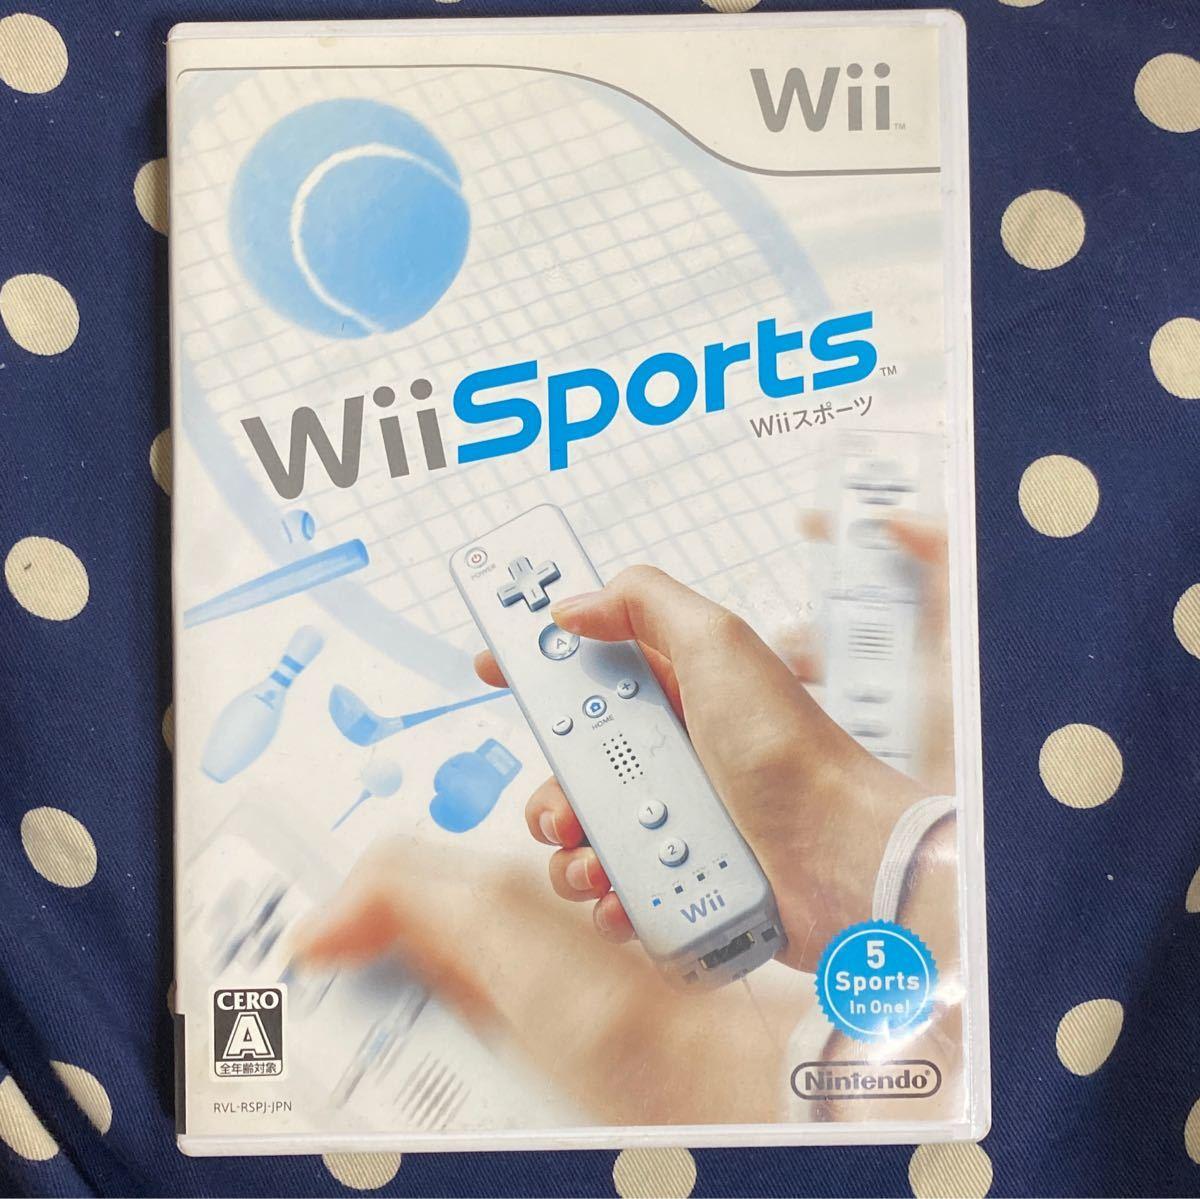 Wiiスポーツ Wii Sports Wiiソフト ウィースポーツ 任天堂